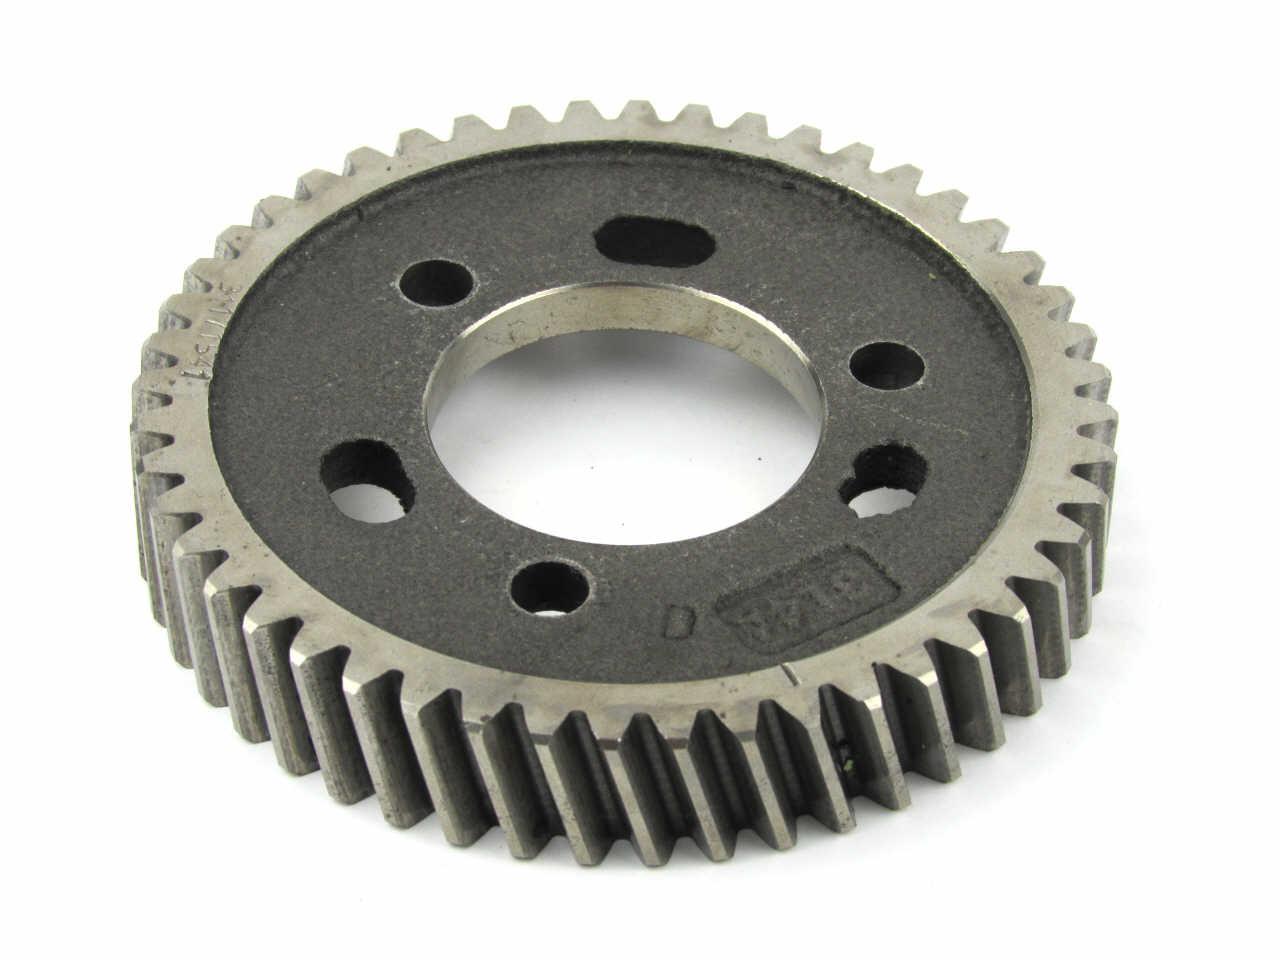 Perkins 4.108 Camshaft gear